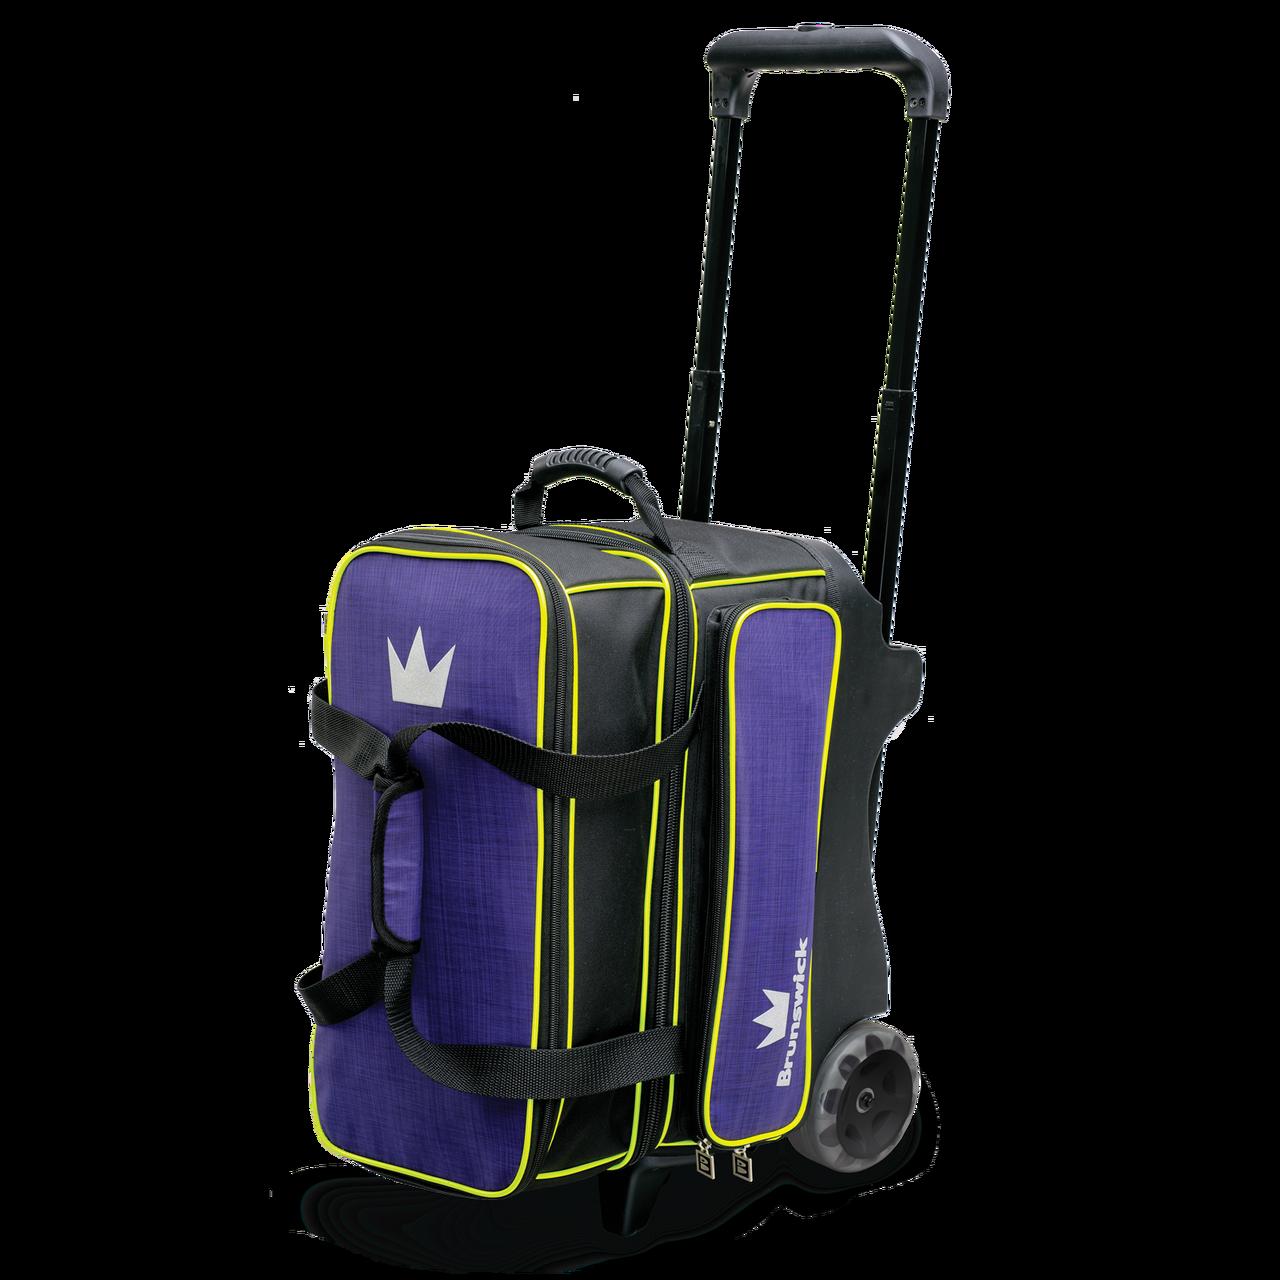 737d98c8fe90 Vise It Small Accessory Bag